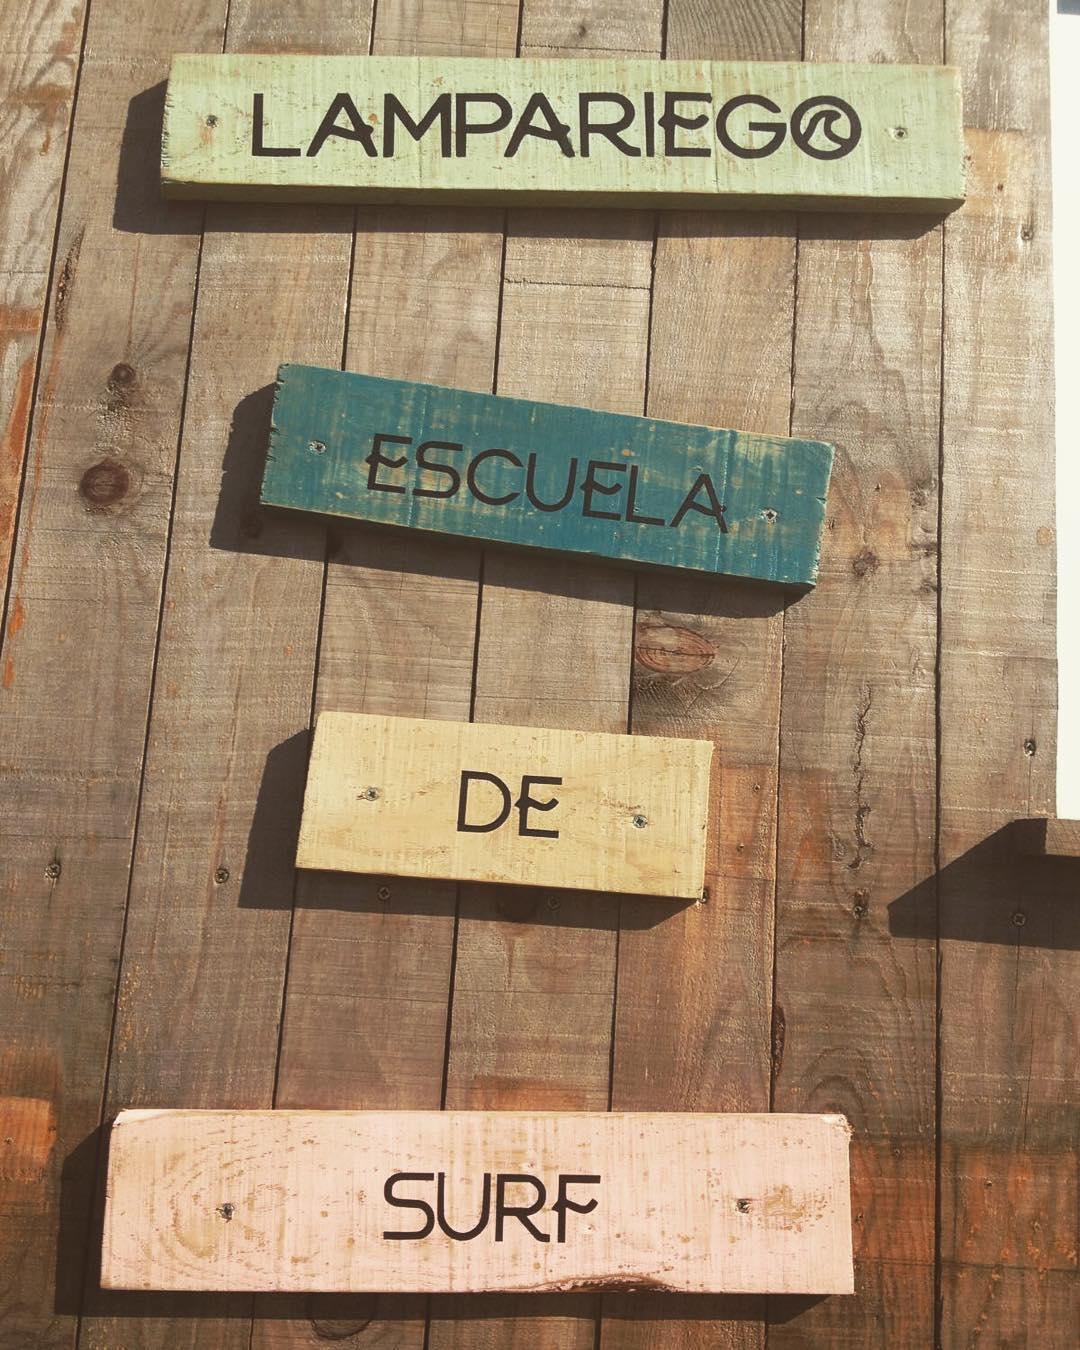 Lampariego escuela de surf en asturias